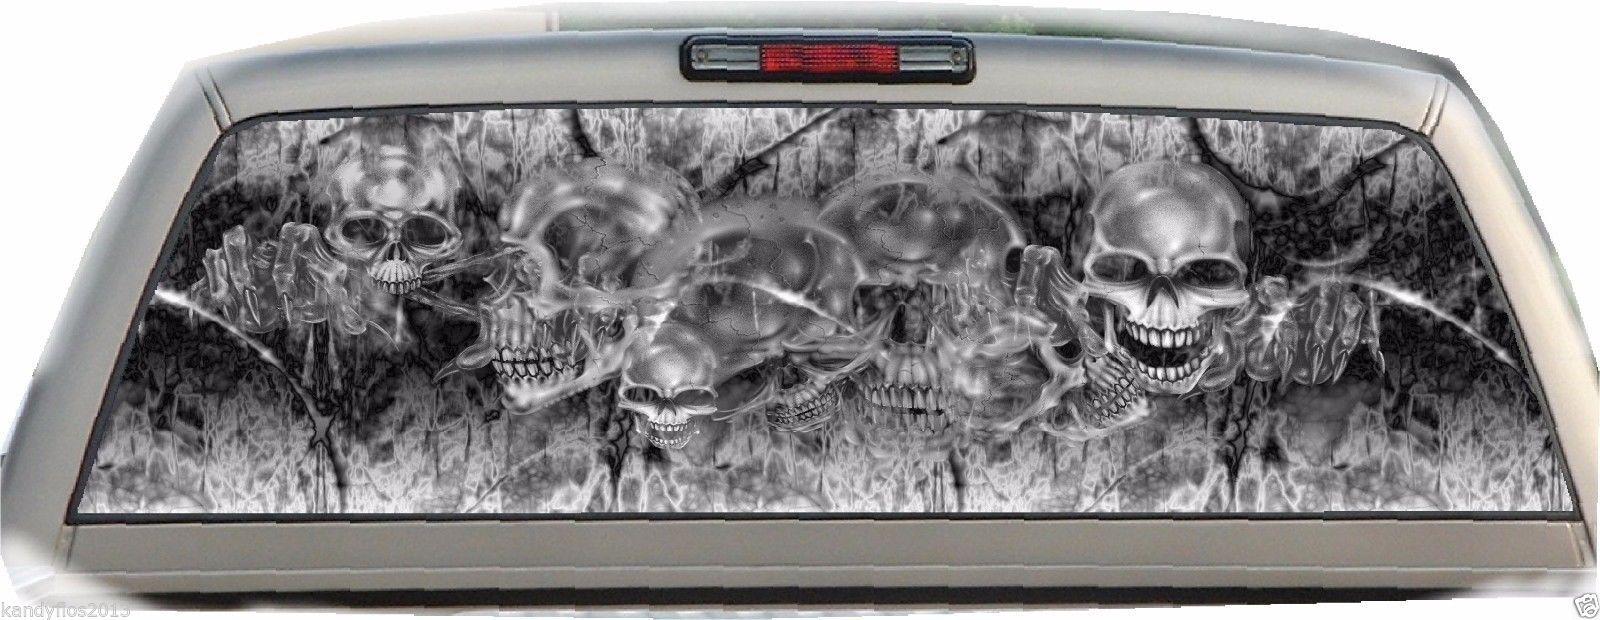 Skull Skulls Rear Window Graphic Tint Truck Stickers Decals - Rear window hunting decals for trucksvehicle graphics rear window graphics road hunter custom truck